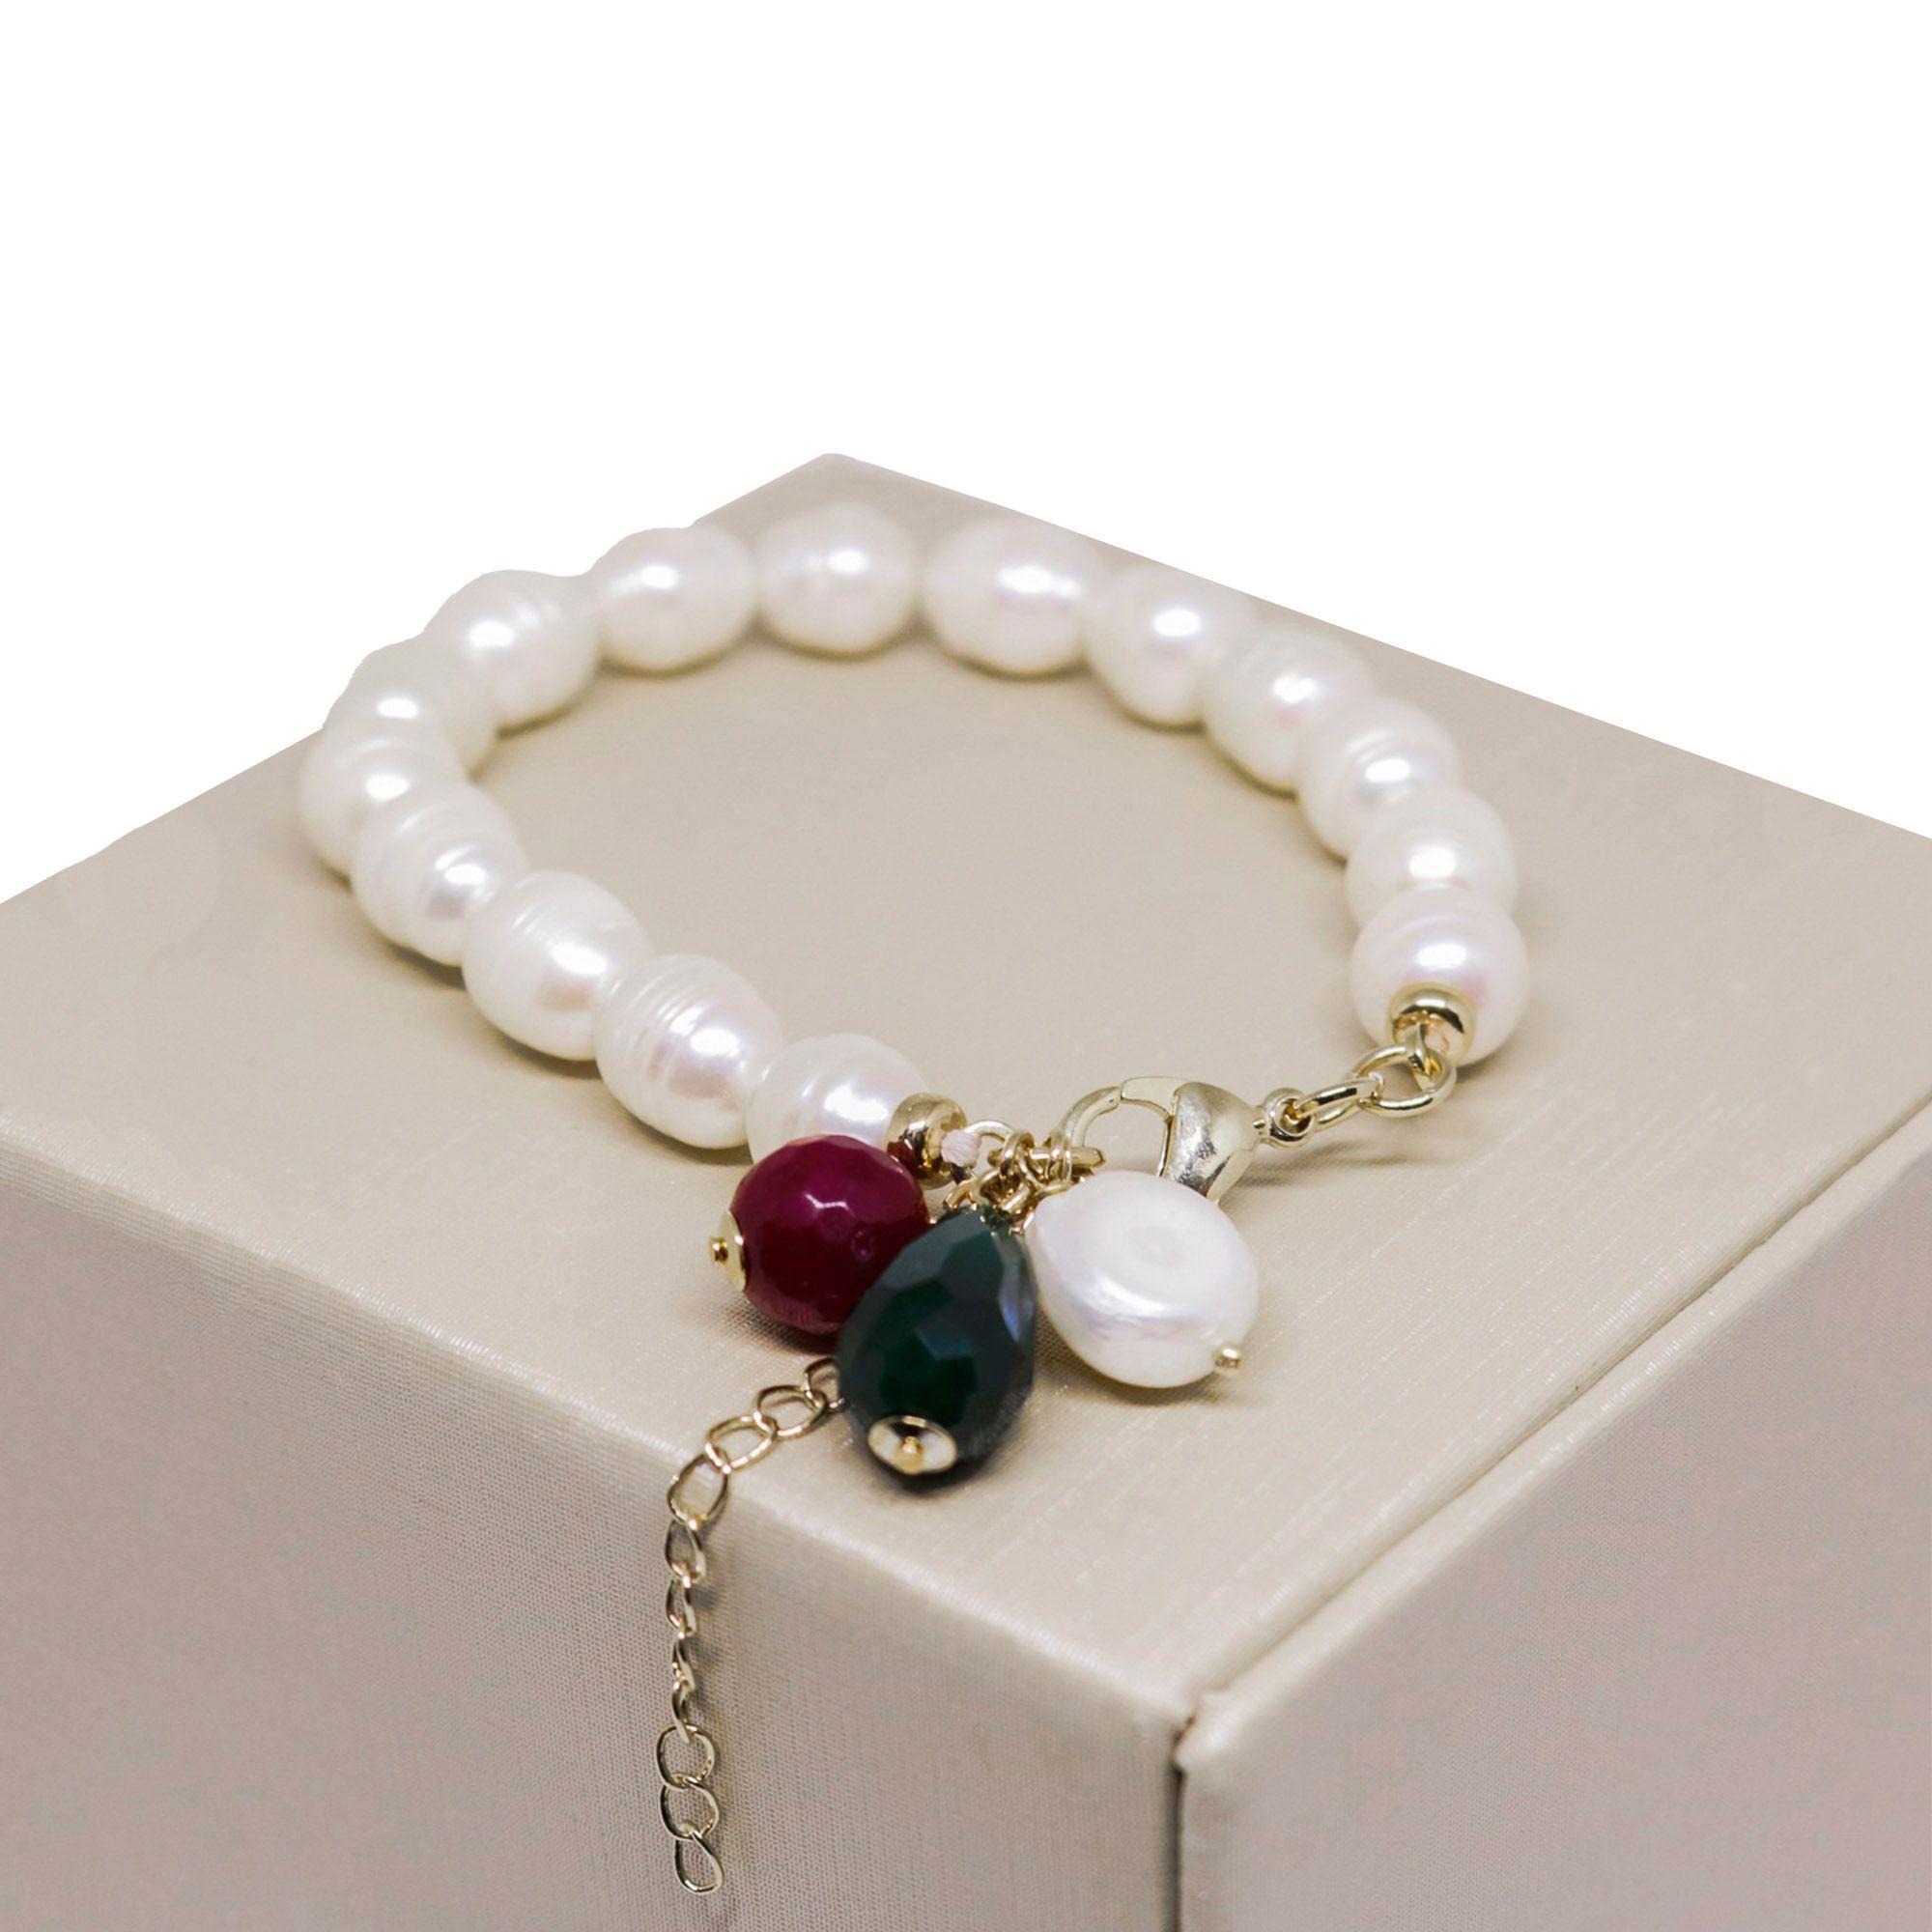 Pulseira Semi joia  Pérolas com pingente  de pedra natural Jade  banhada a ouro 18k ou rhodium